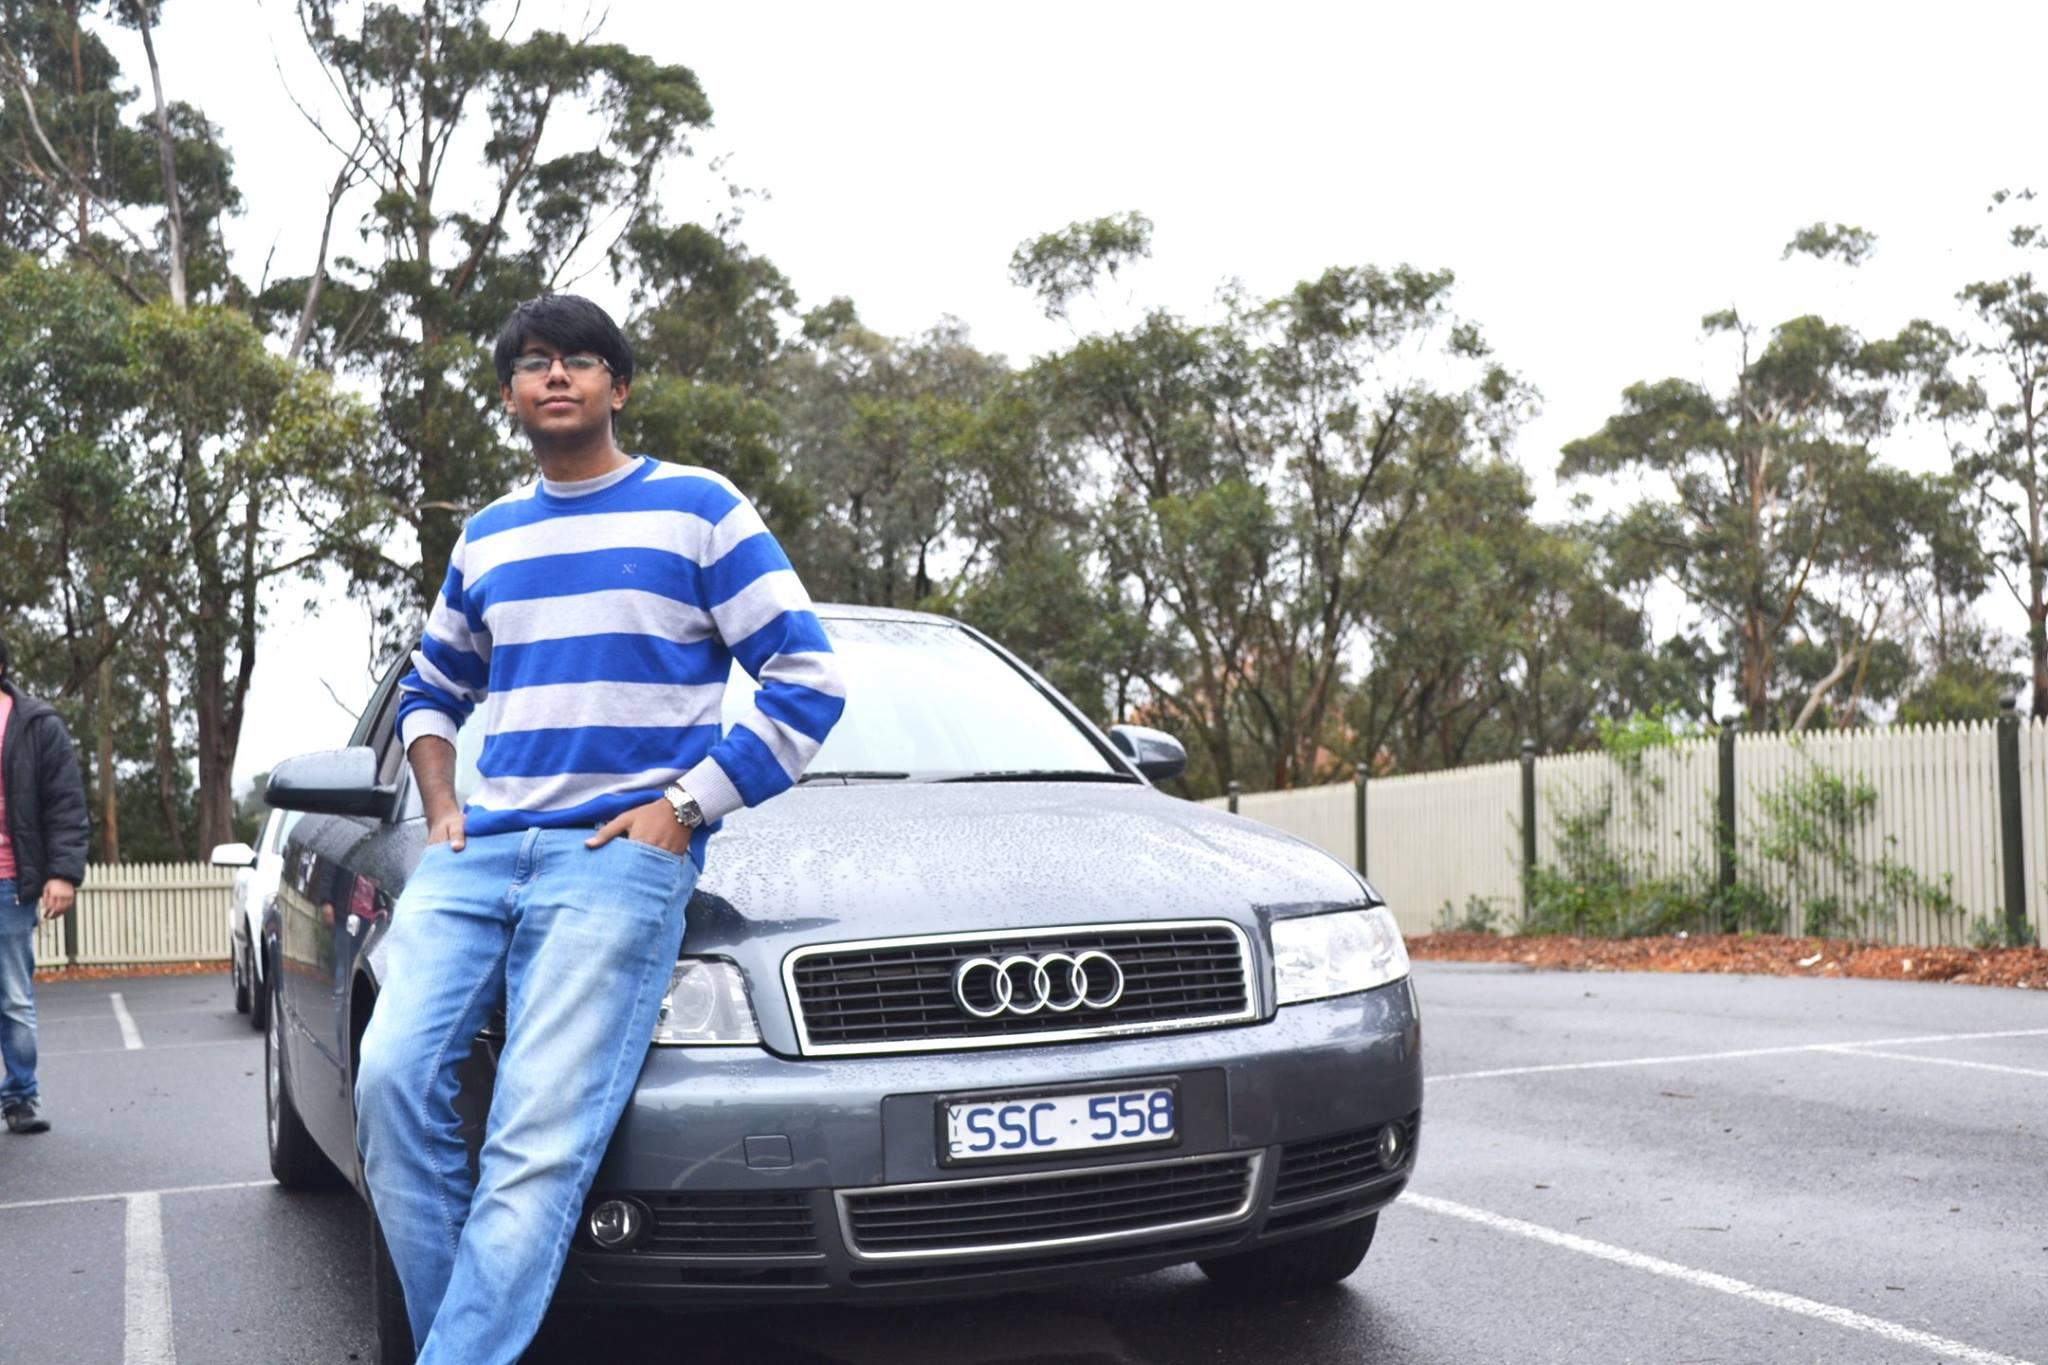 Aamir Qutub